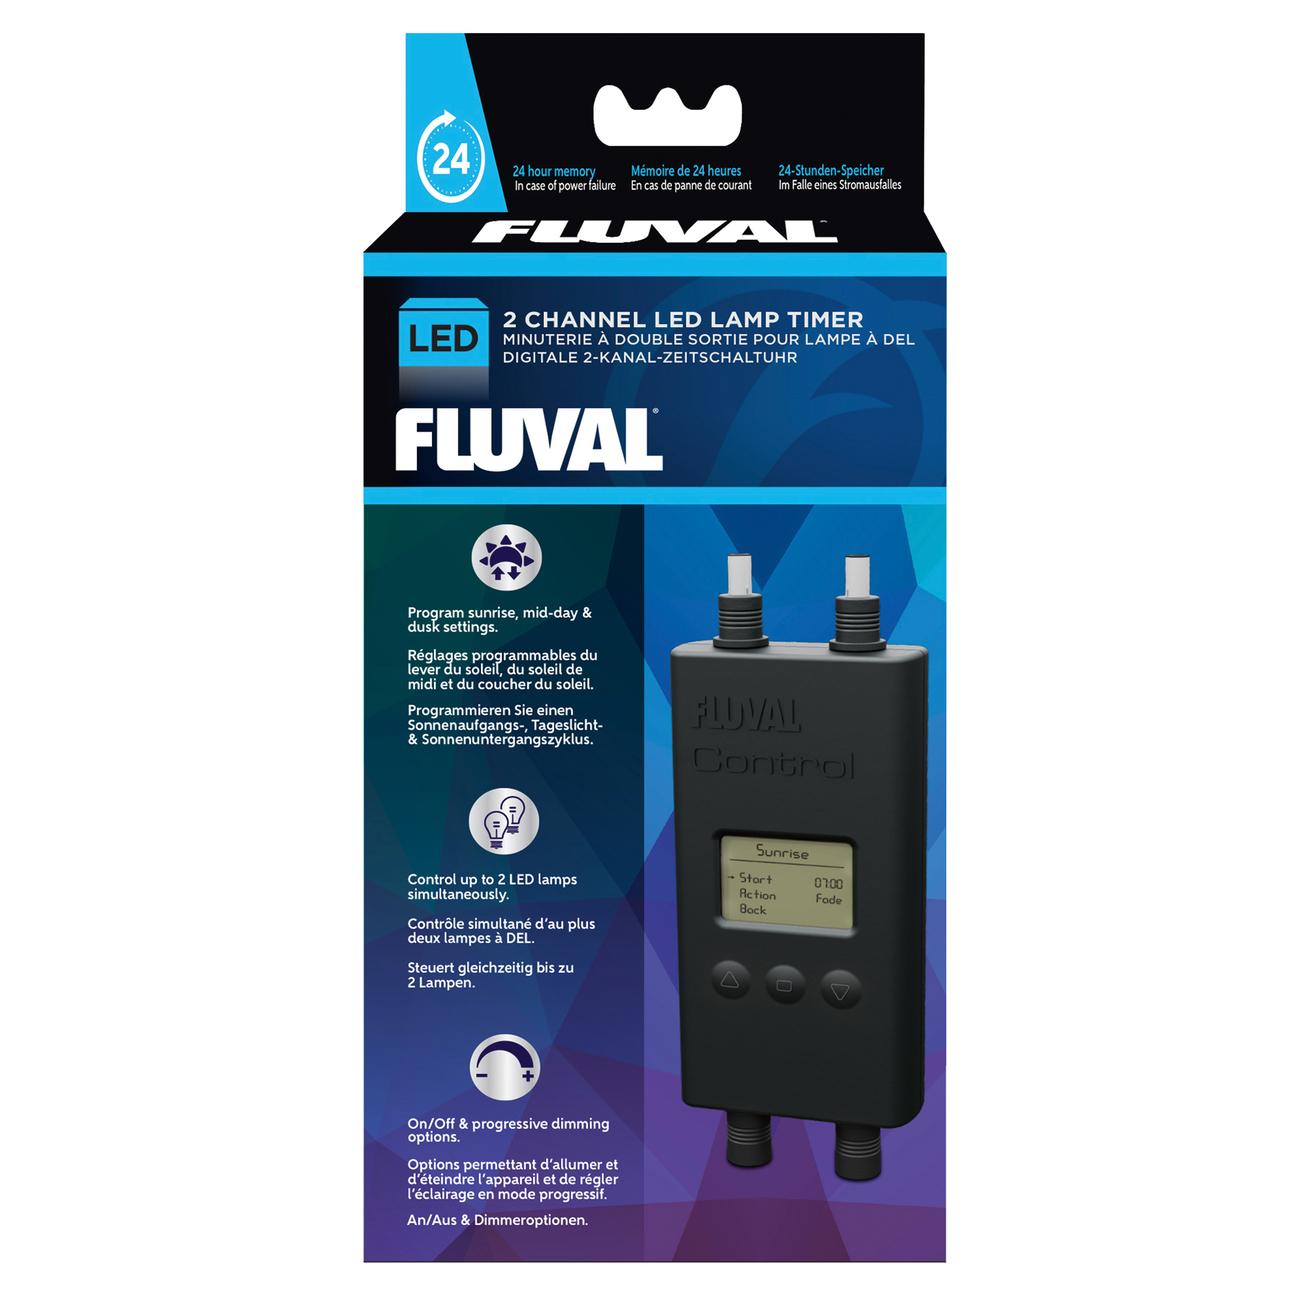 Fluval Digital LED Lampen Timer von Fluval günstig bestellen